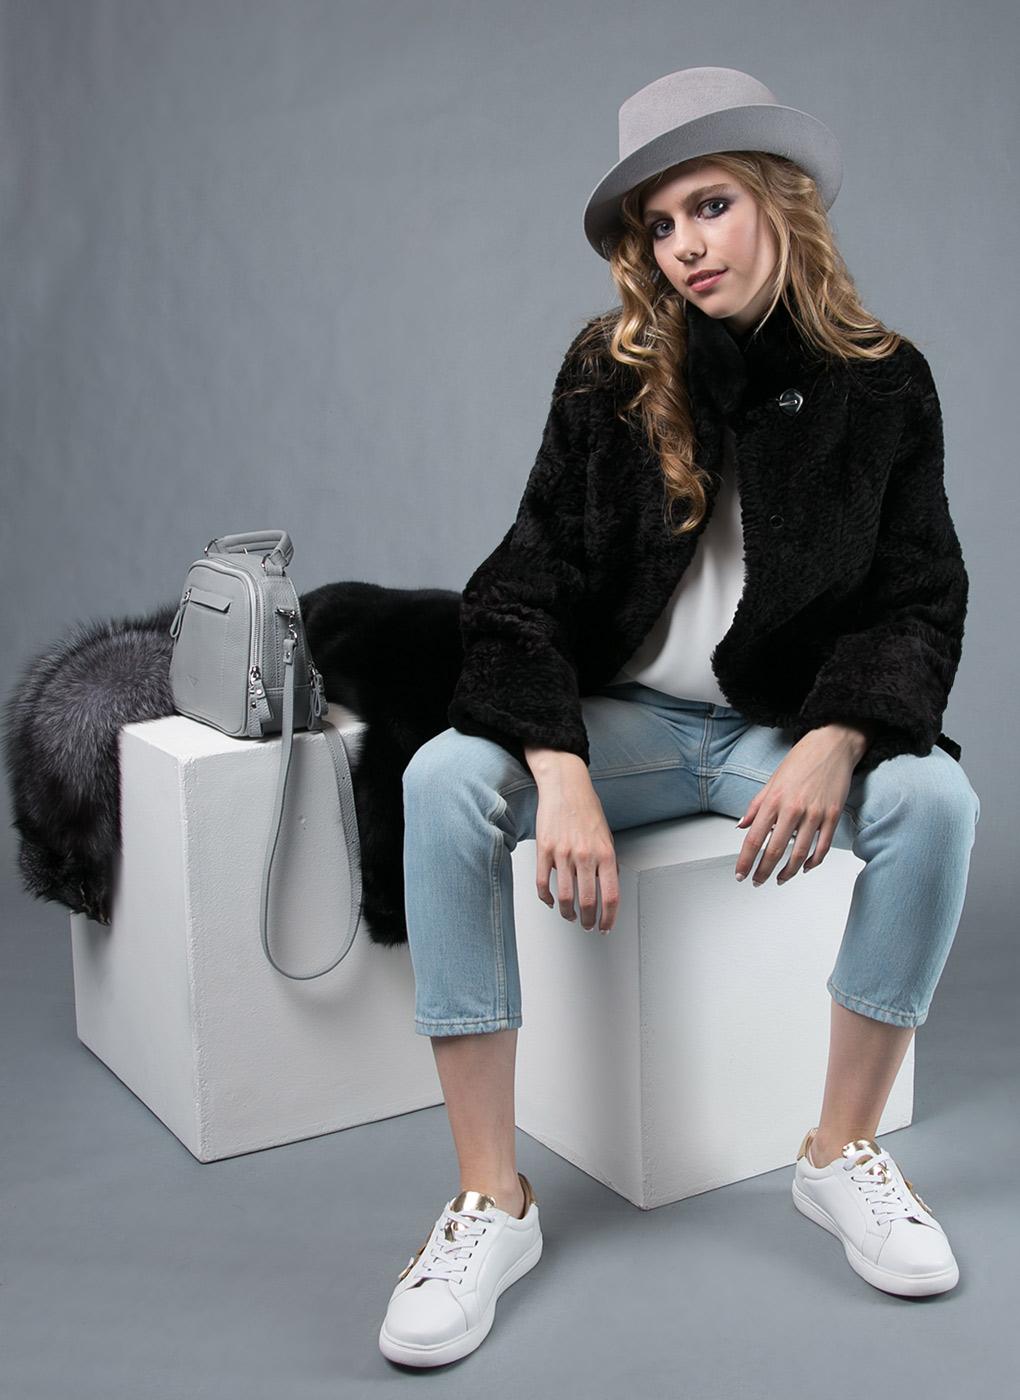 Куртка из мутона прямая 25, Original fur company